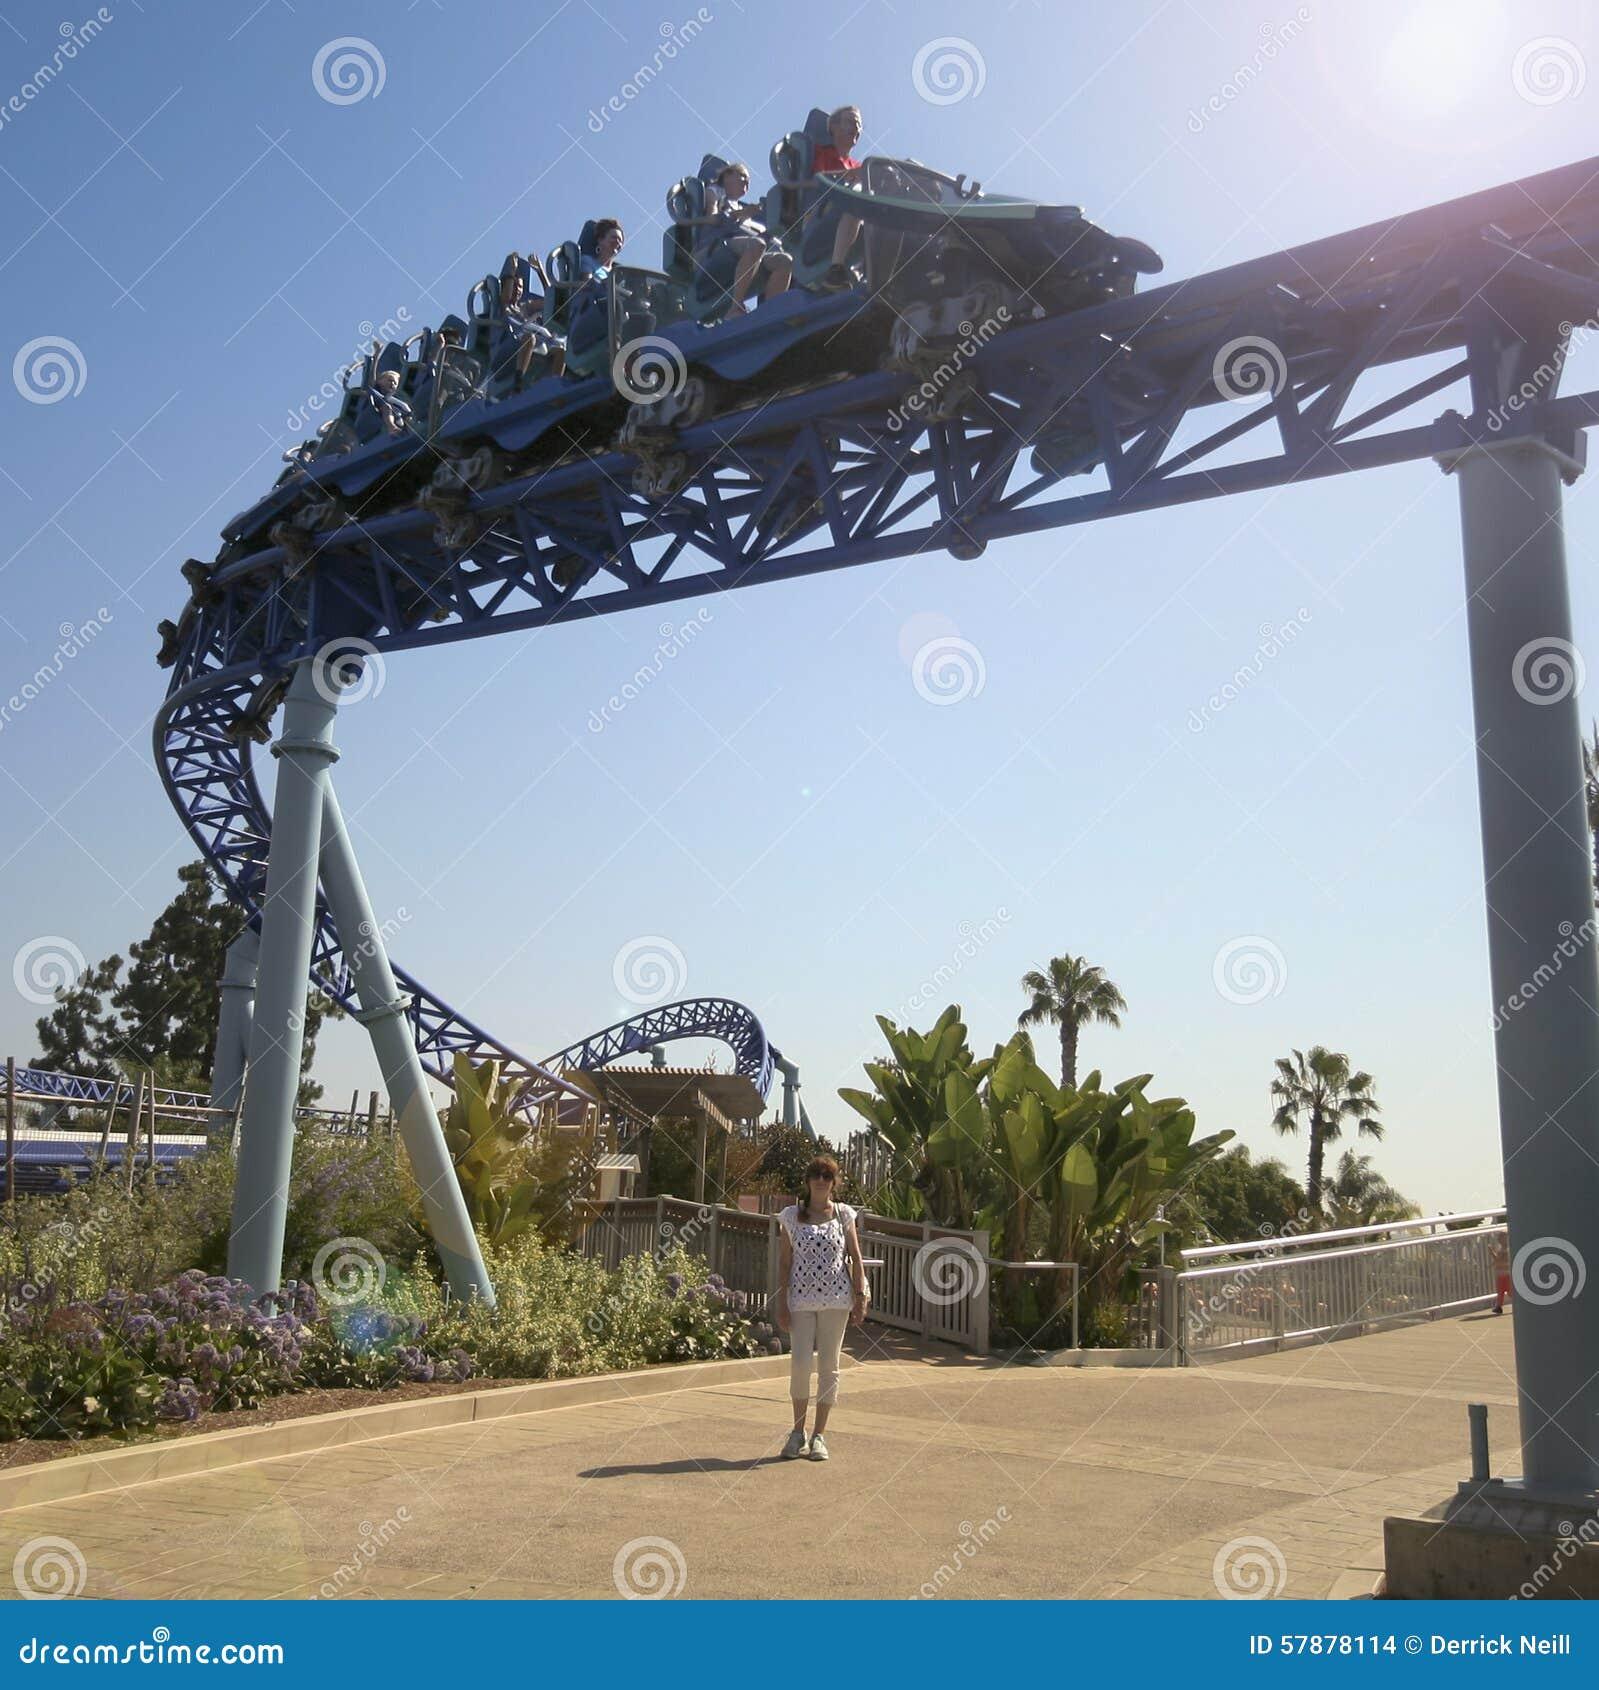 Un tour de montagnes russes de Manta, SeaWorld, San Diego